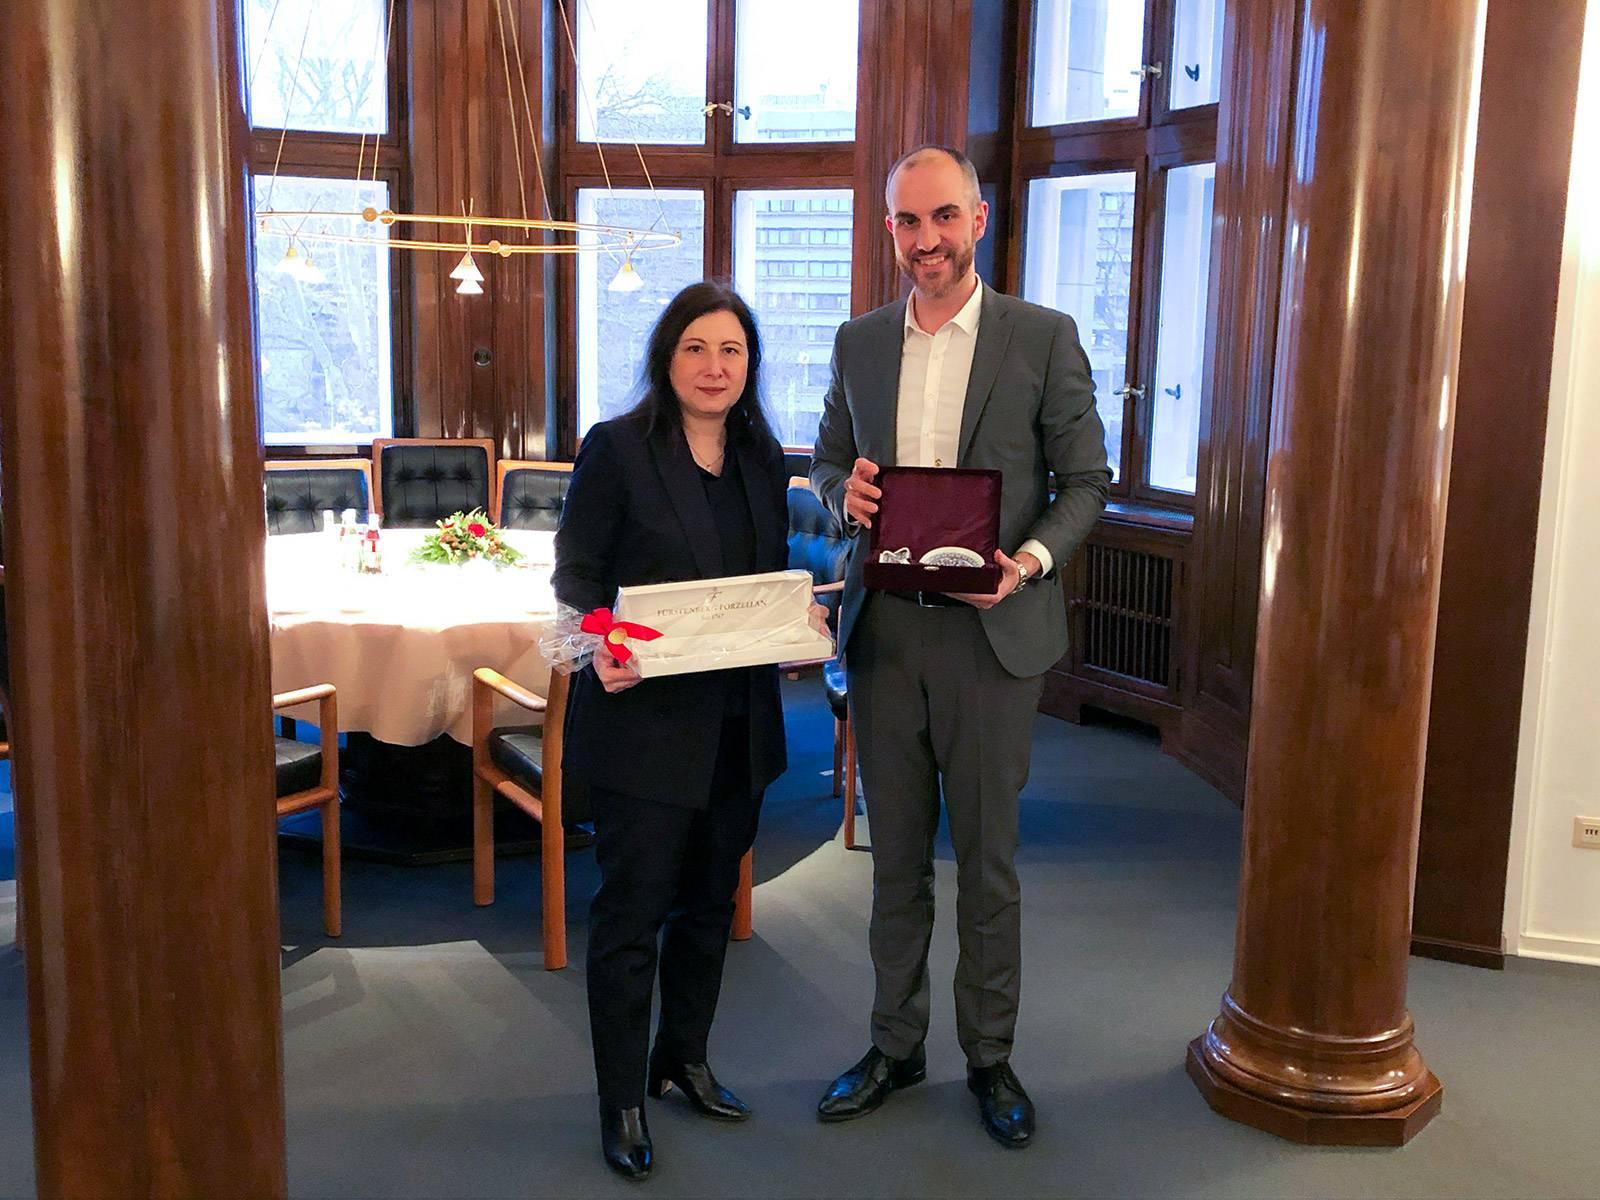 Die türkische Generalkonsulin Banu Malaman und Hannovers Oberbürgermeister Belit Onay posieren vor einem gedeckten Tisch mit Presenten in den Händen.